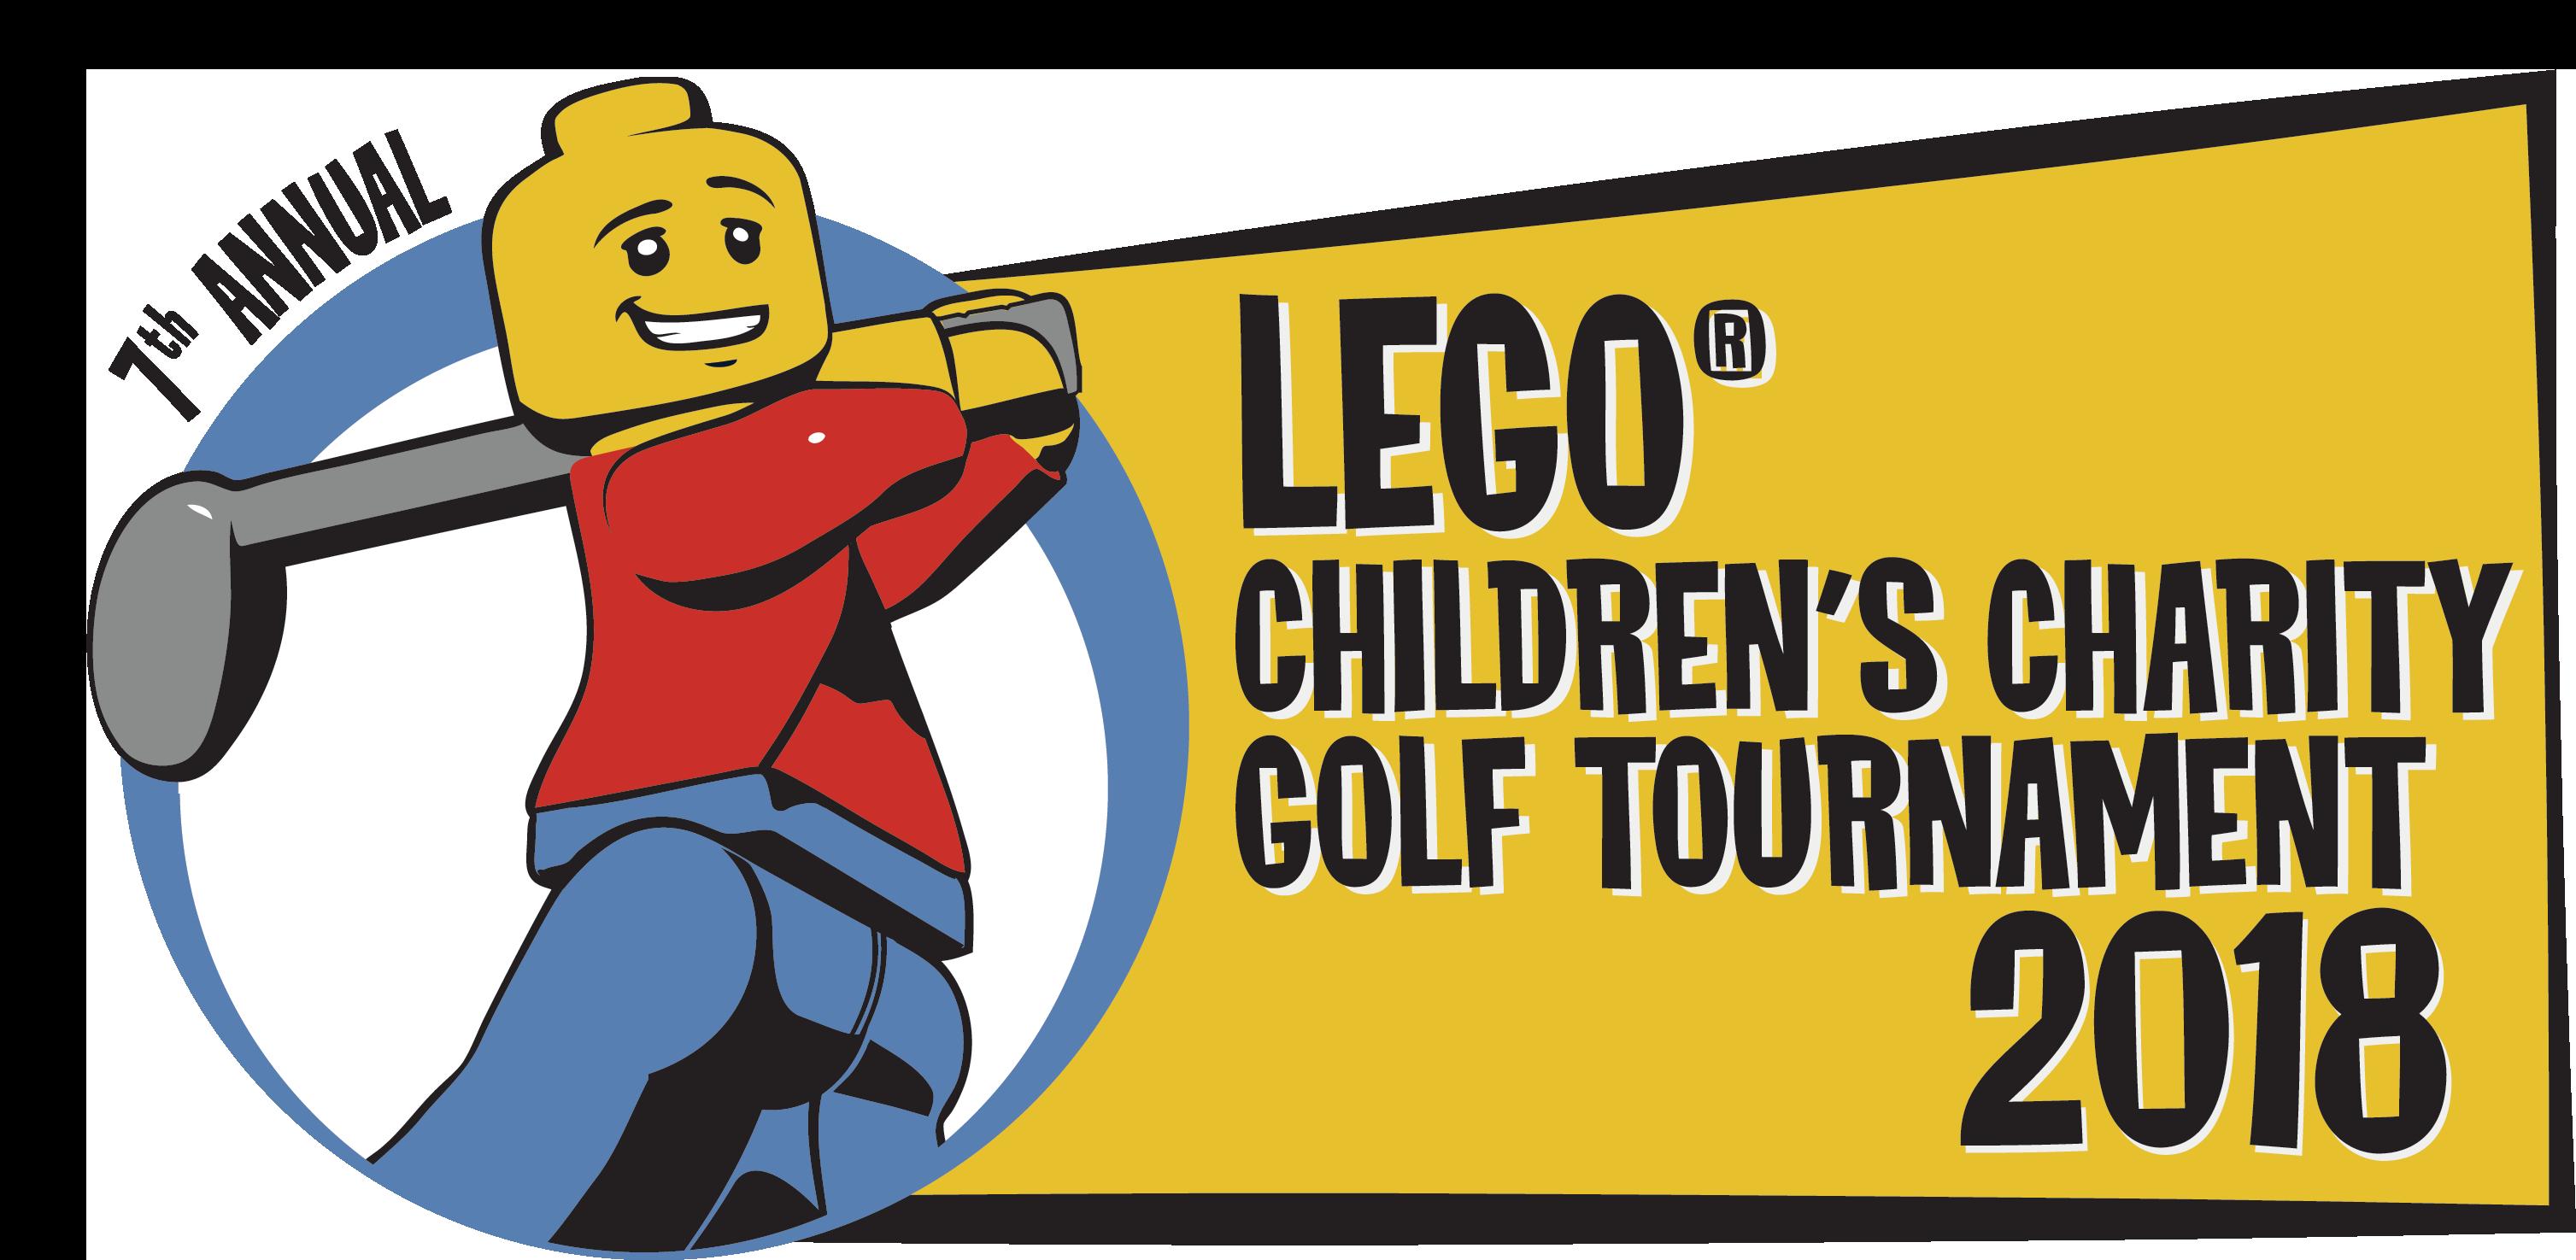 lego tournament logo. Golfer clipart junior golf